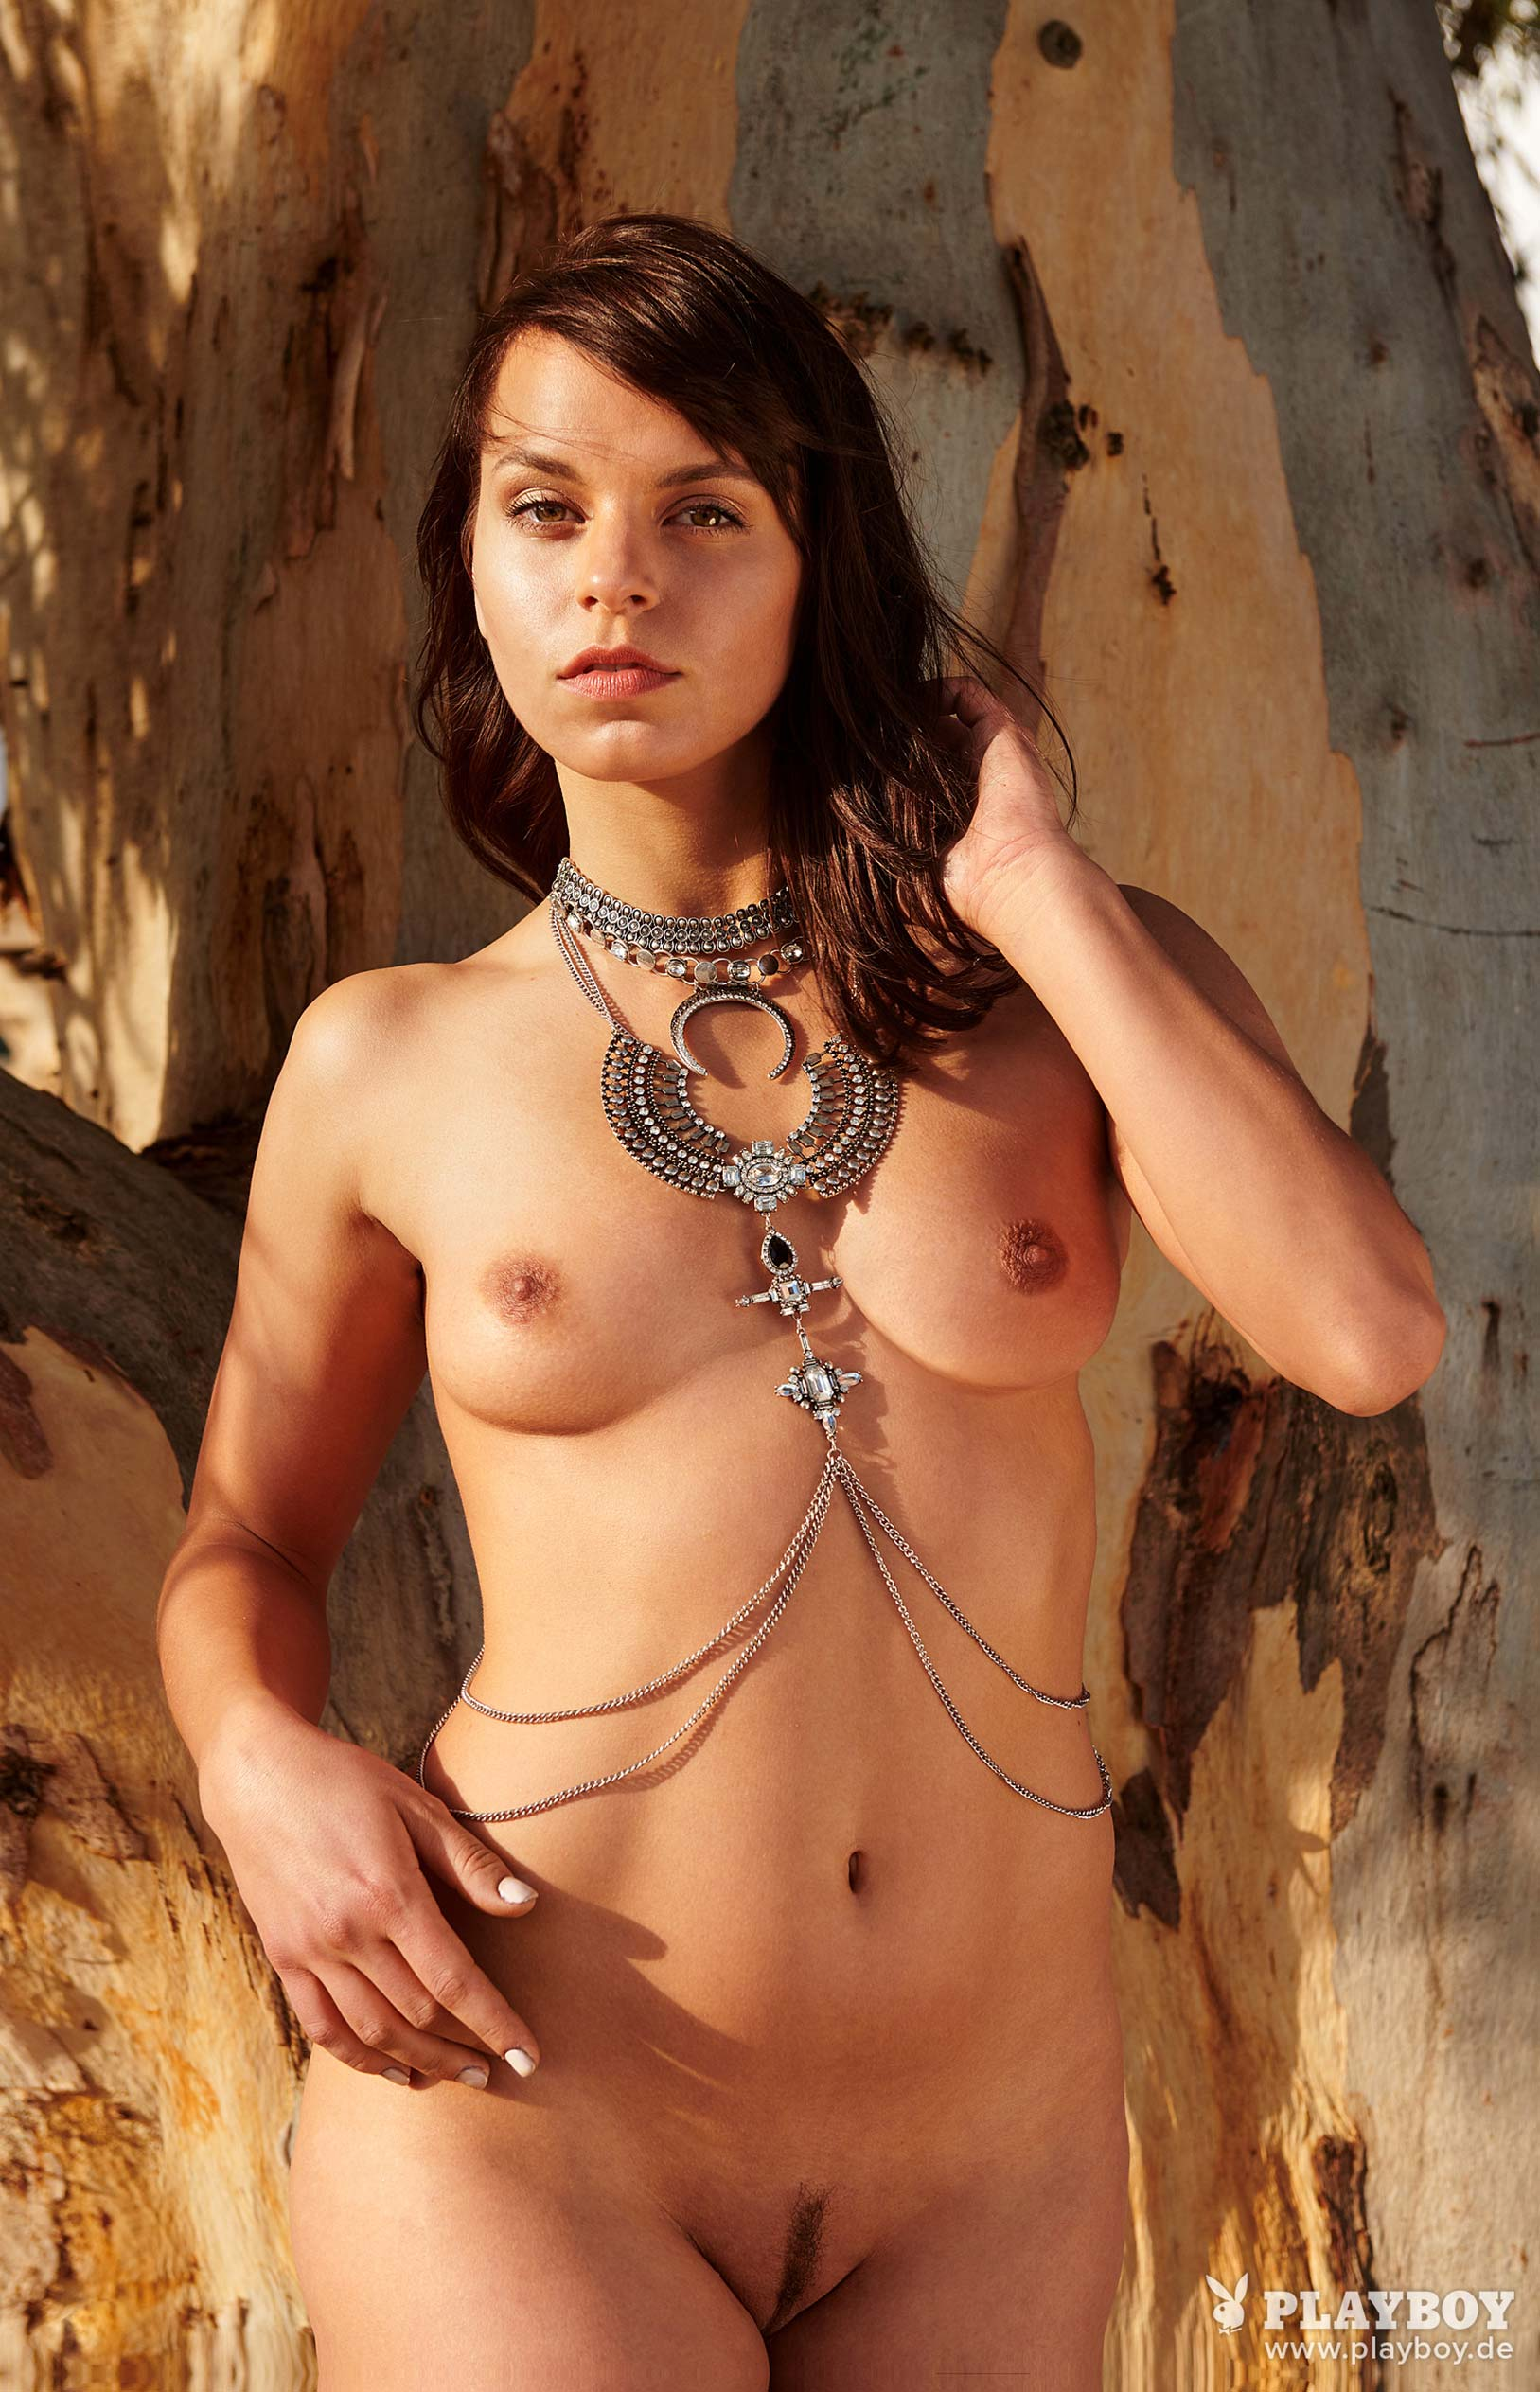 актриса Франциска Бенц голая на ферме в Южной Африке / фото 06